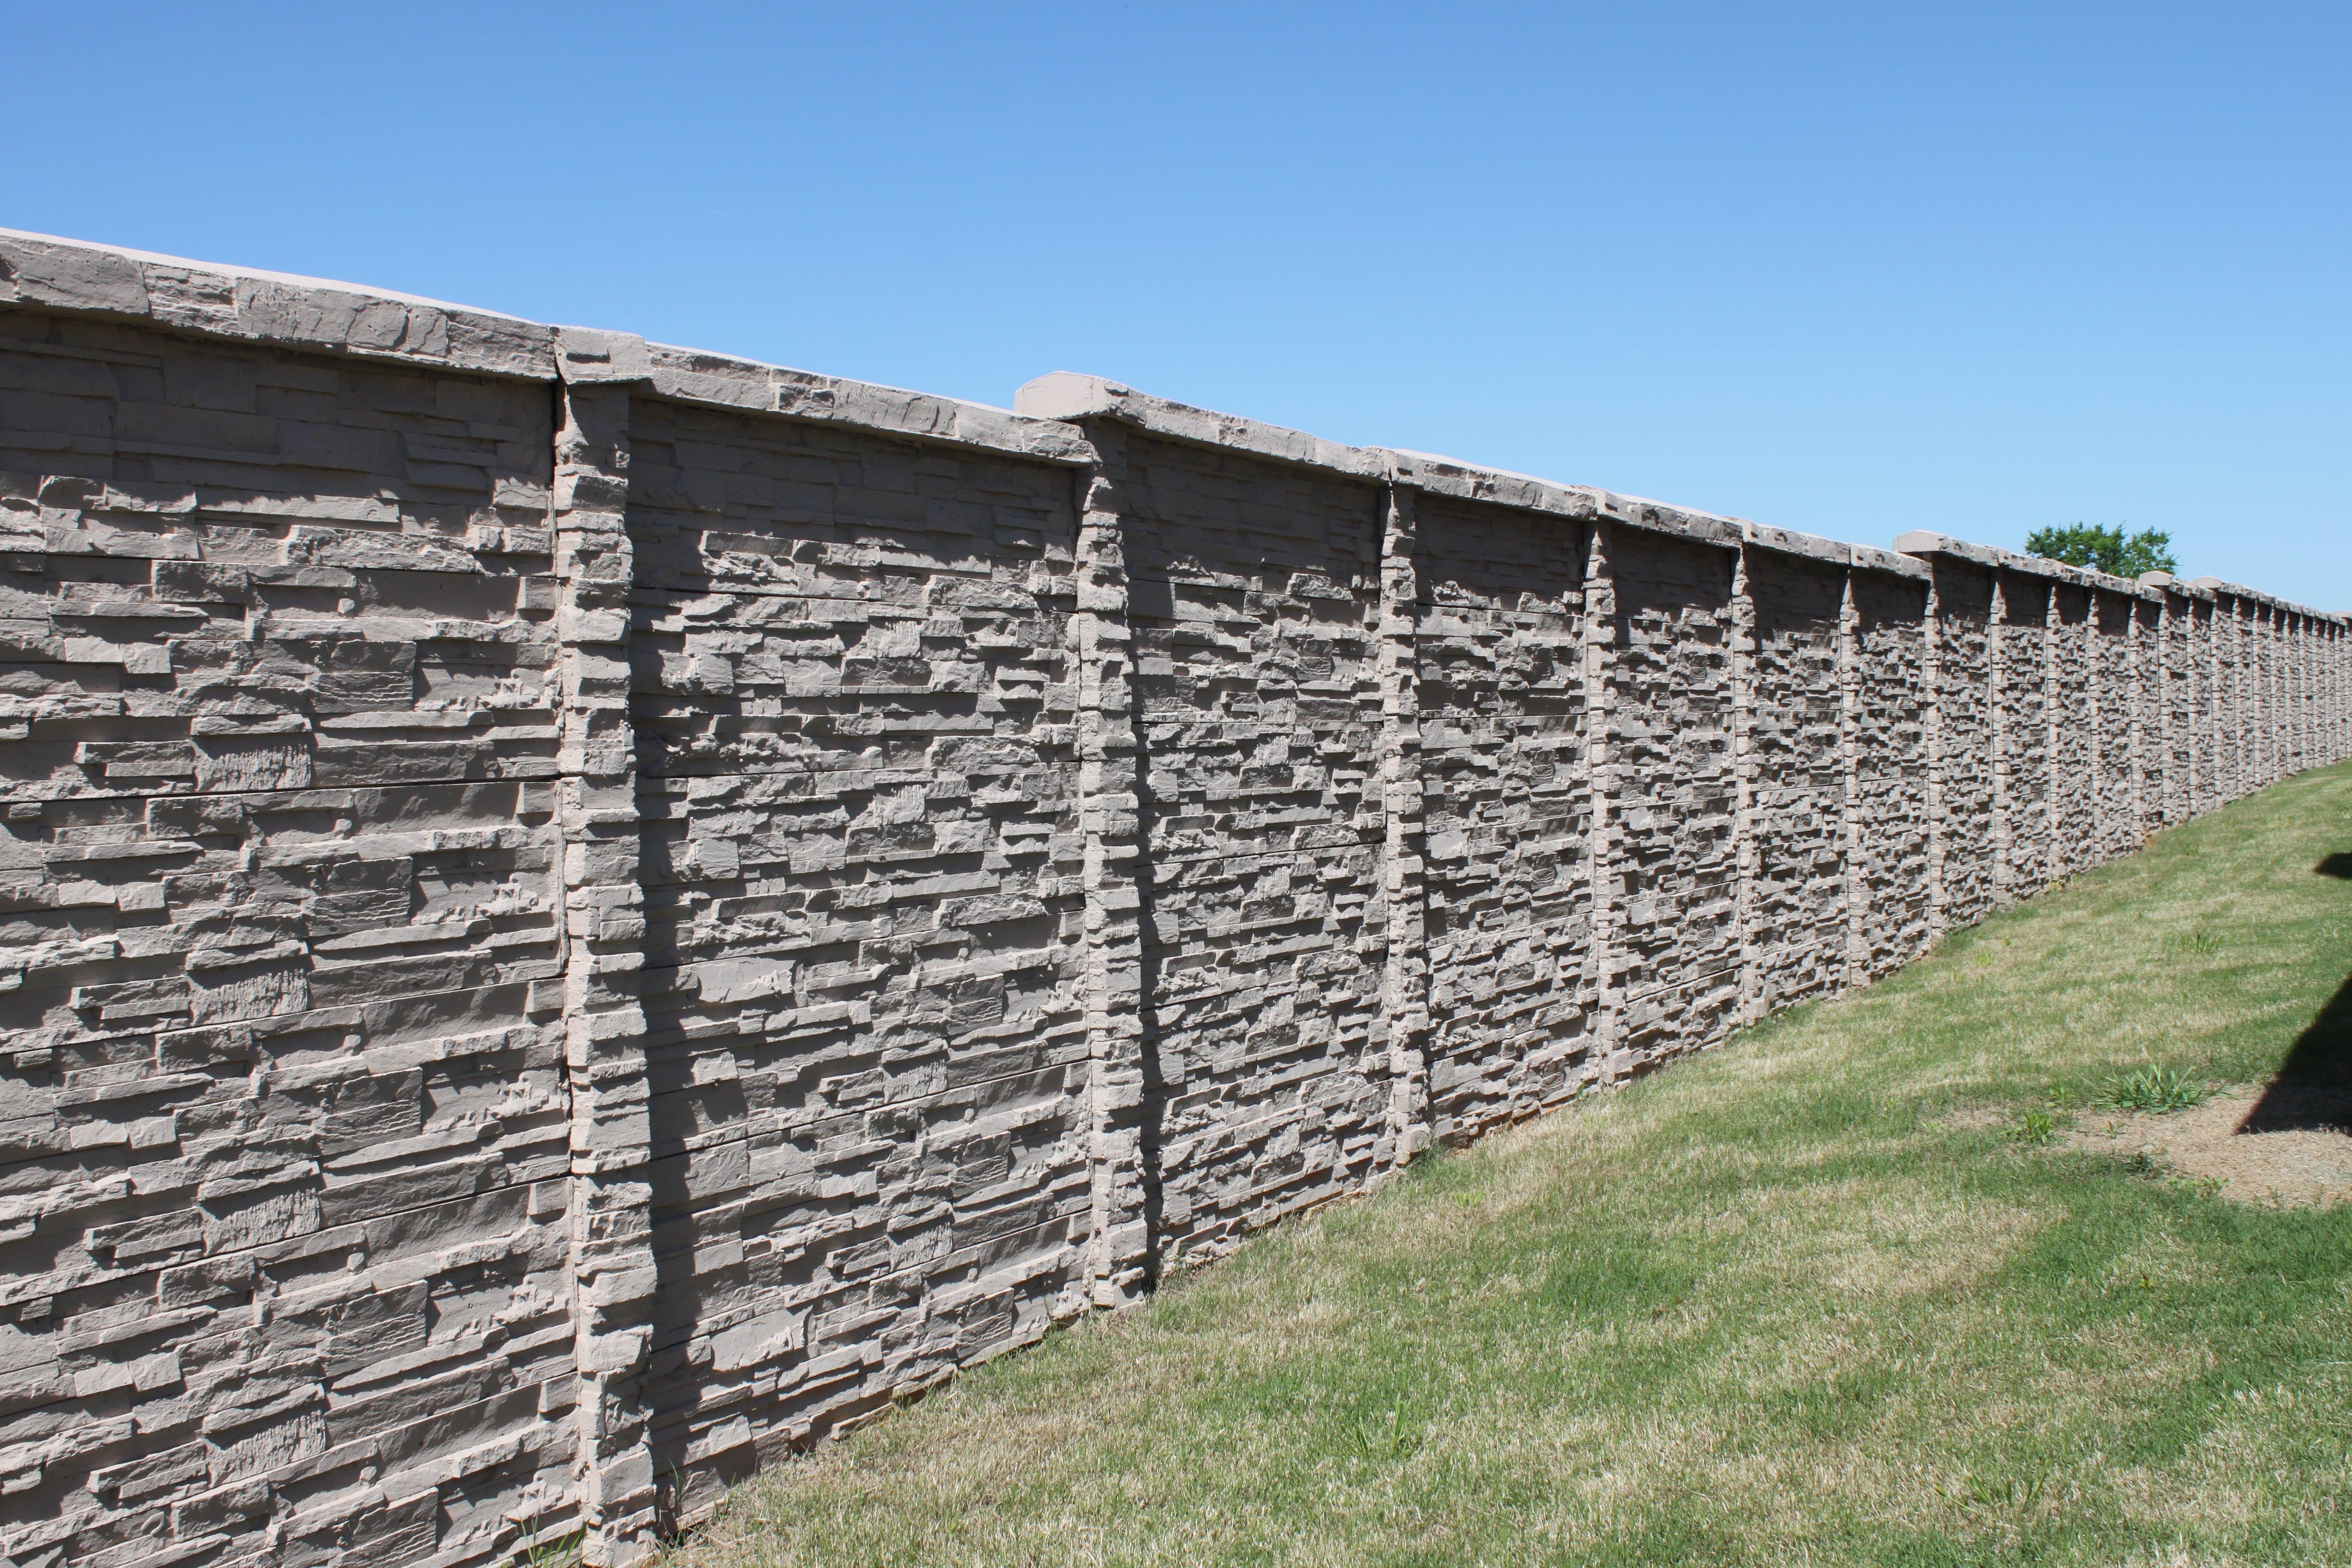 Precast Concrete Fence in a development